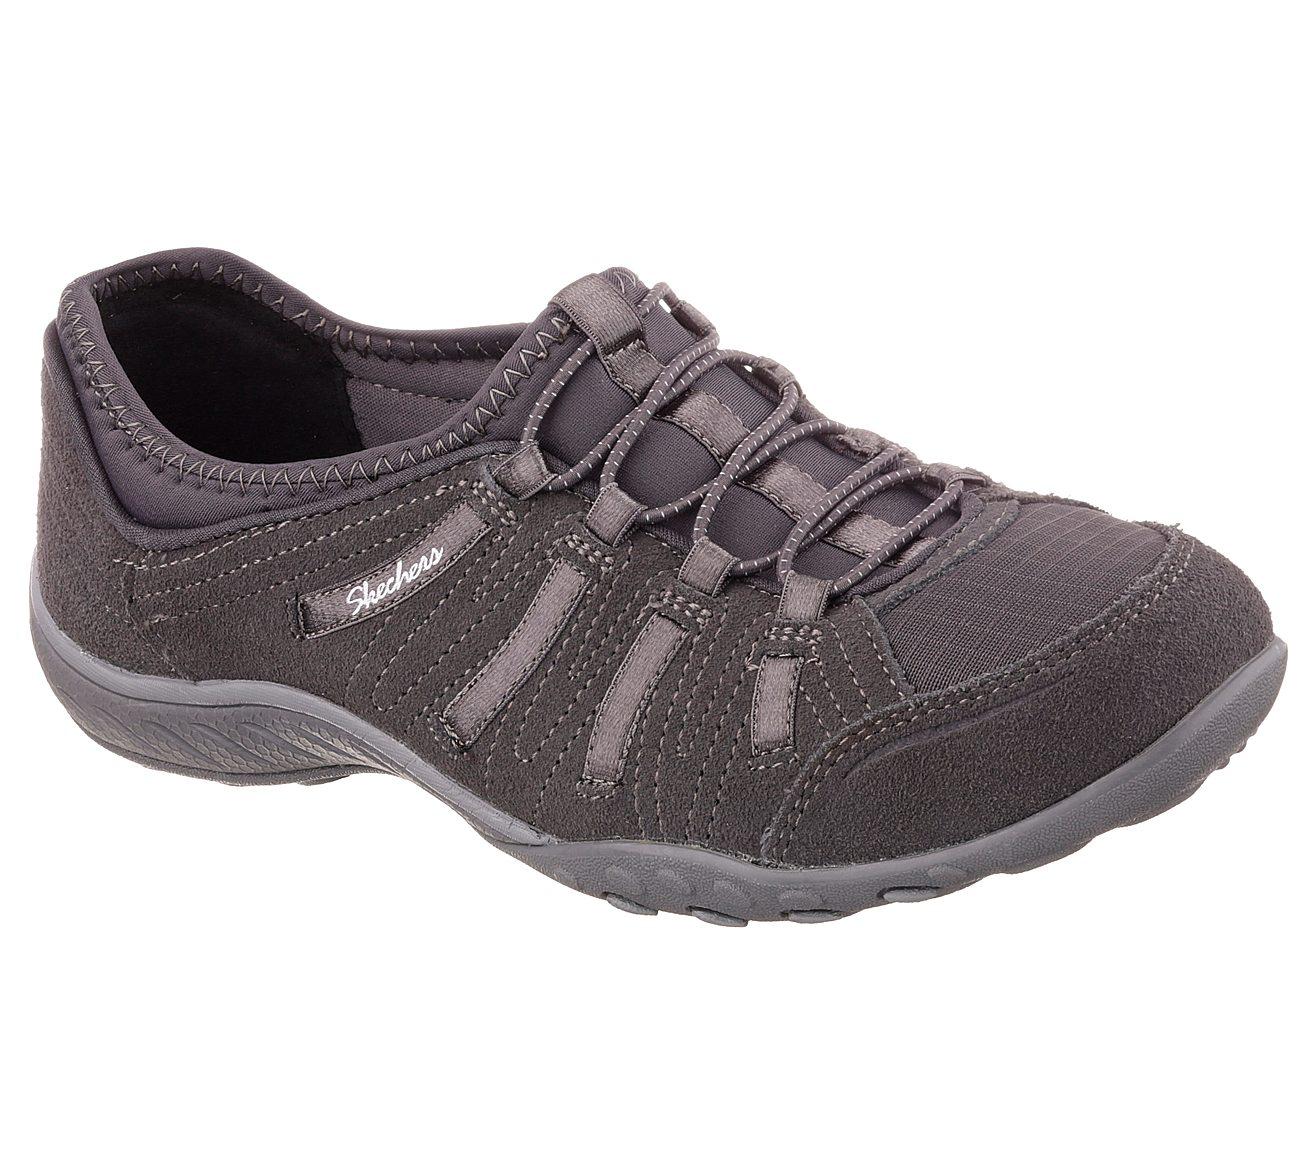 Skechers Breathe Easy Big Bucks Relaxed Fit Memory Foam 22478 Women's 10 Shoes